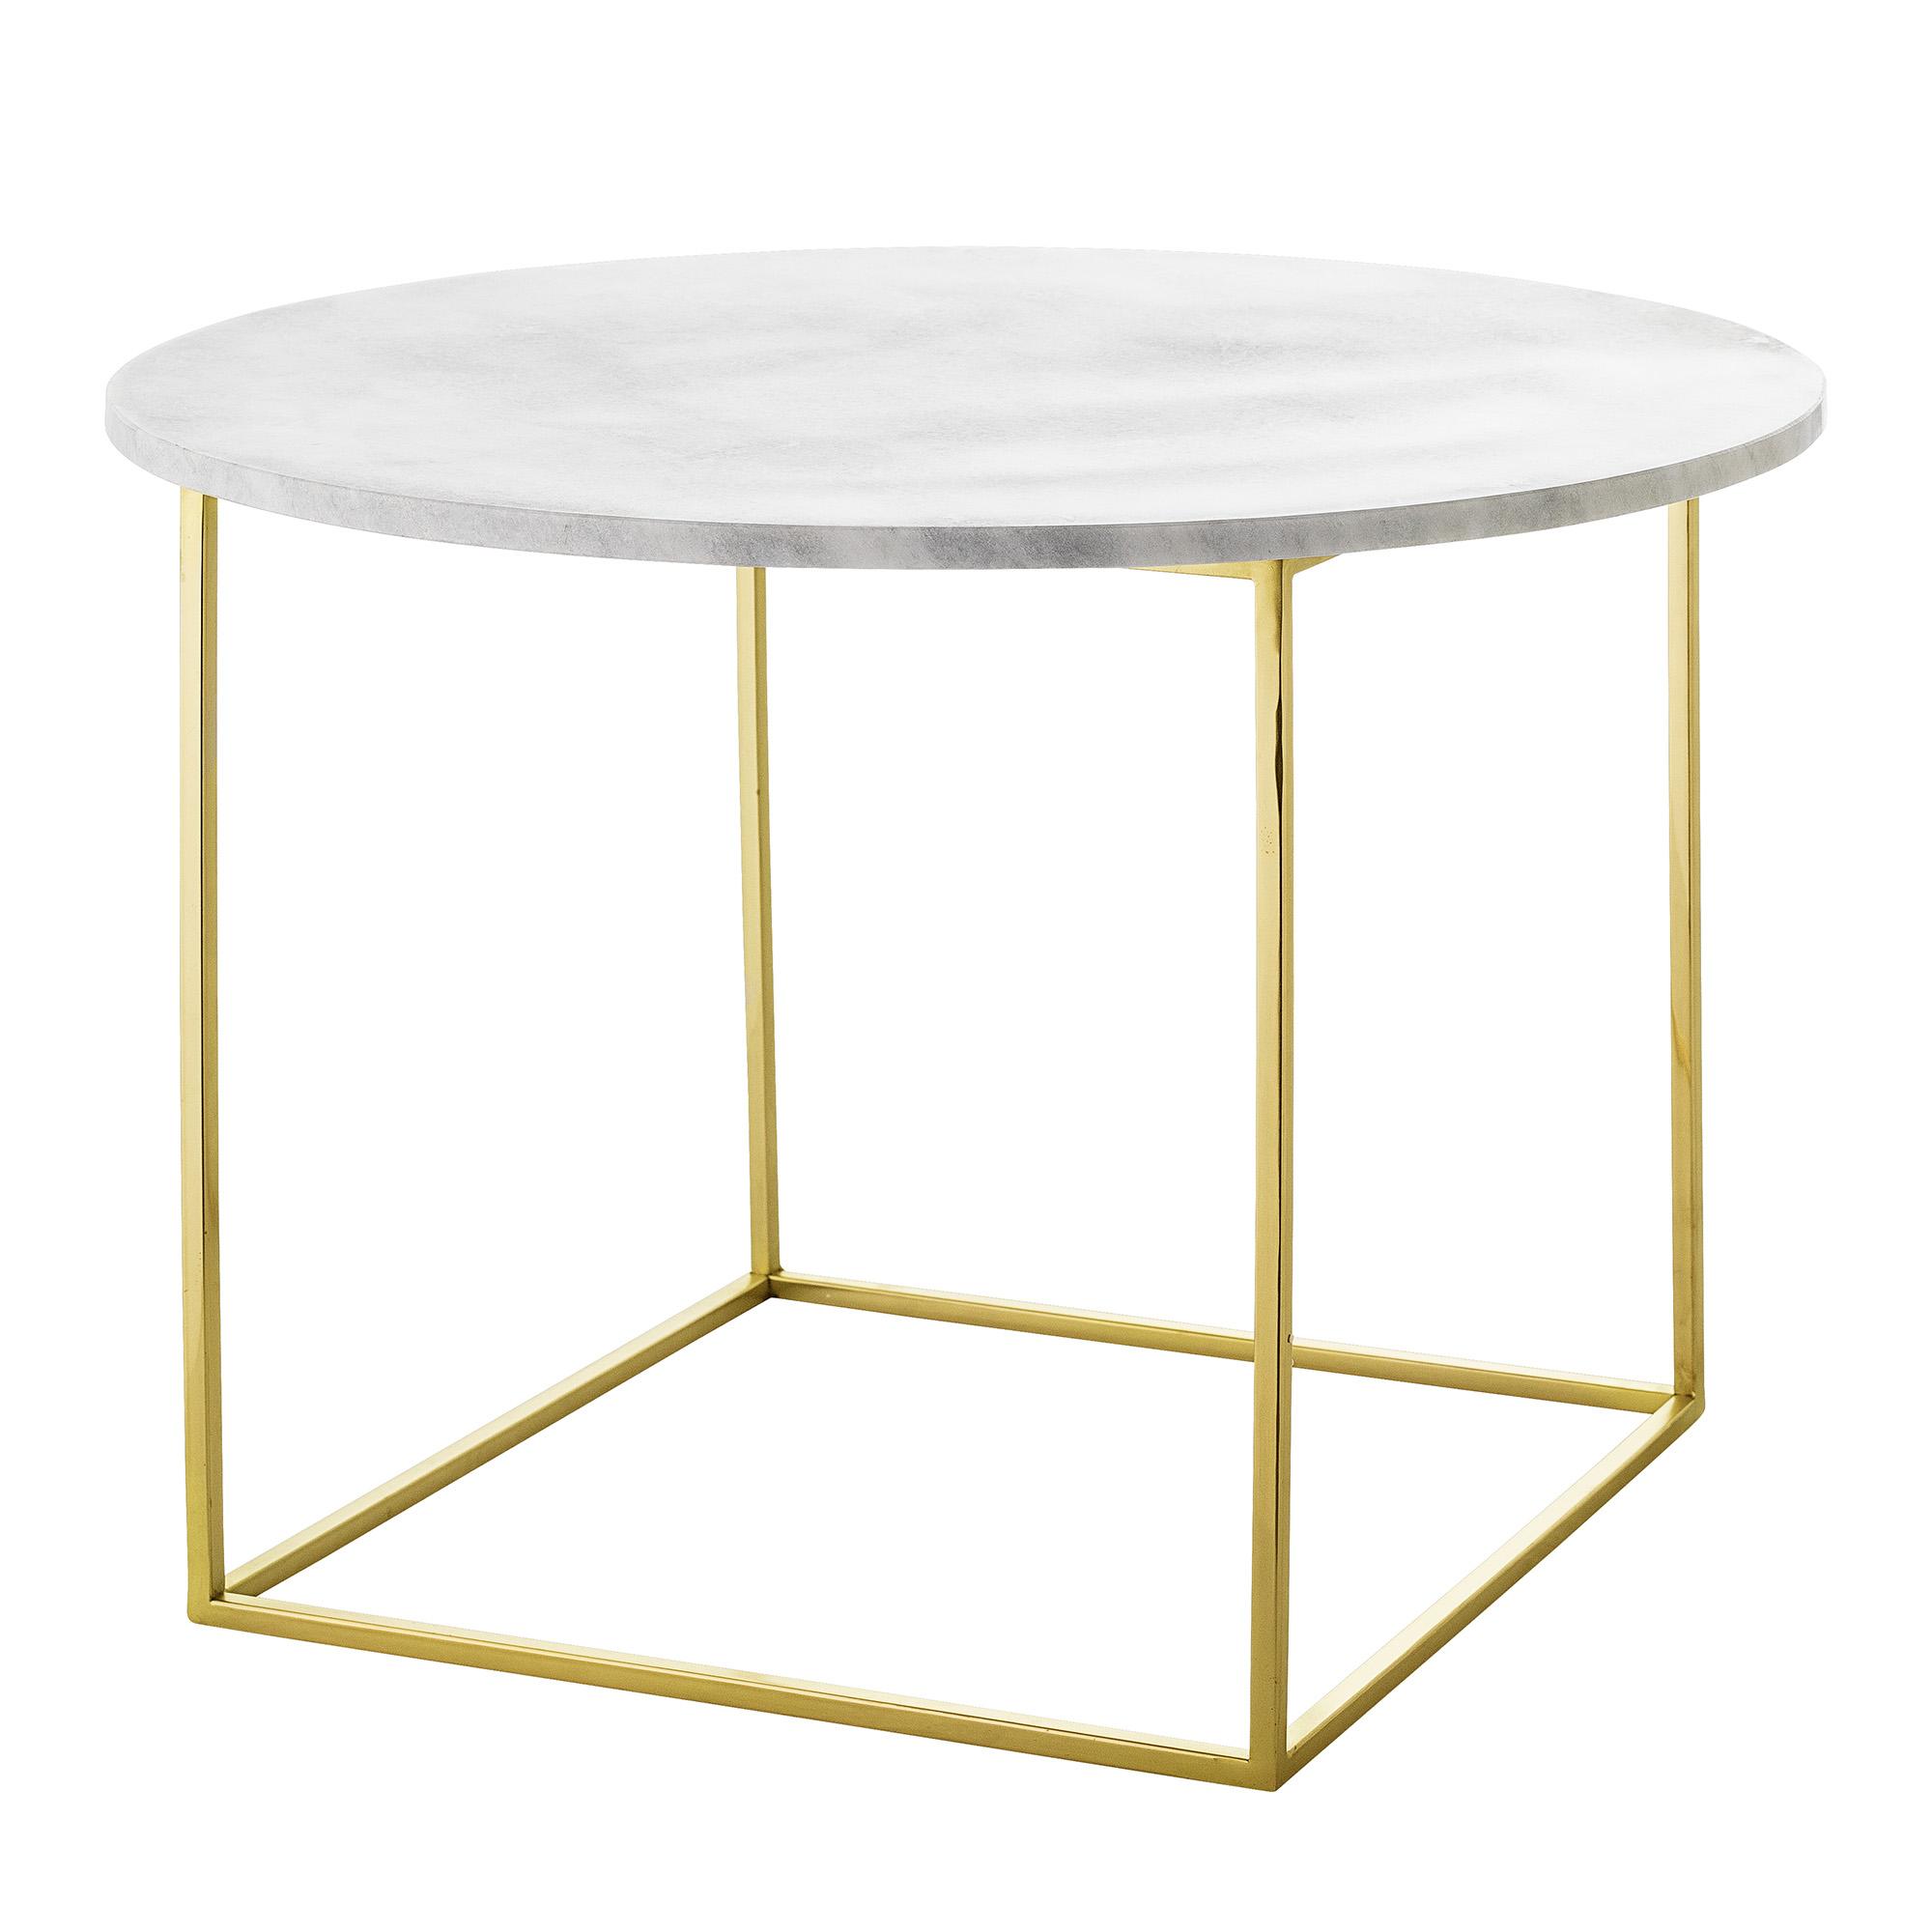 BLOOMINGVILLE Eva sofabord - hvid marmor/guld stål, rund (Ø60)